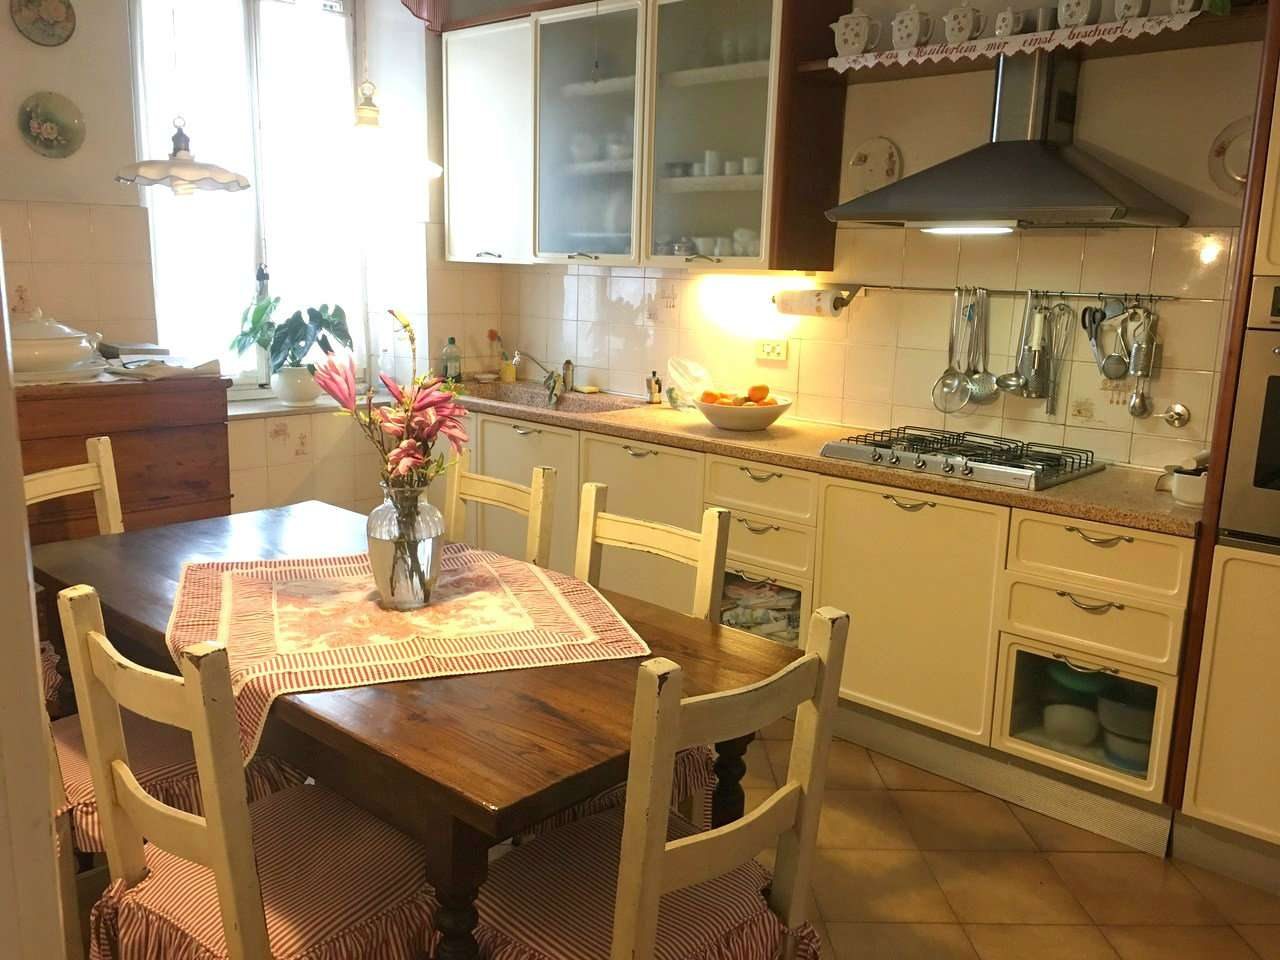 Palazzo / Stabile in vendita a Firenze, 6 locali, zona Zona: 1 . Castello, Careggi, Le Panche, prezzo € 425.000 | CambioCasa.it